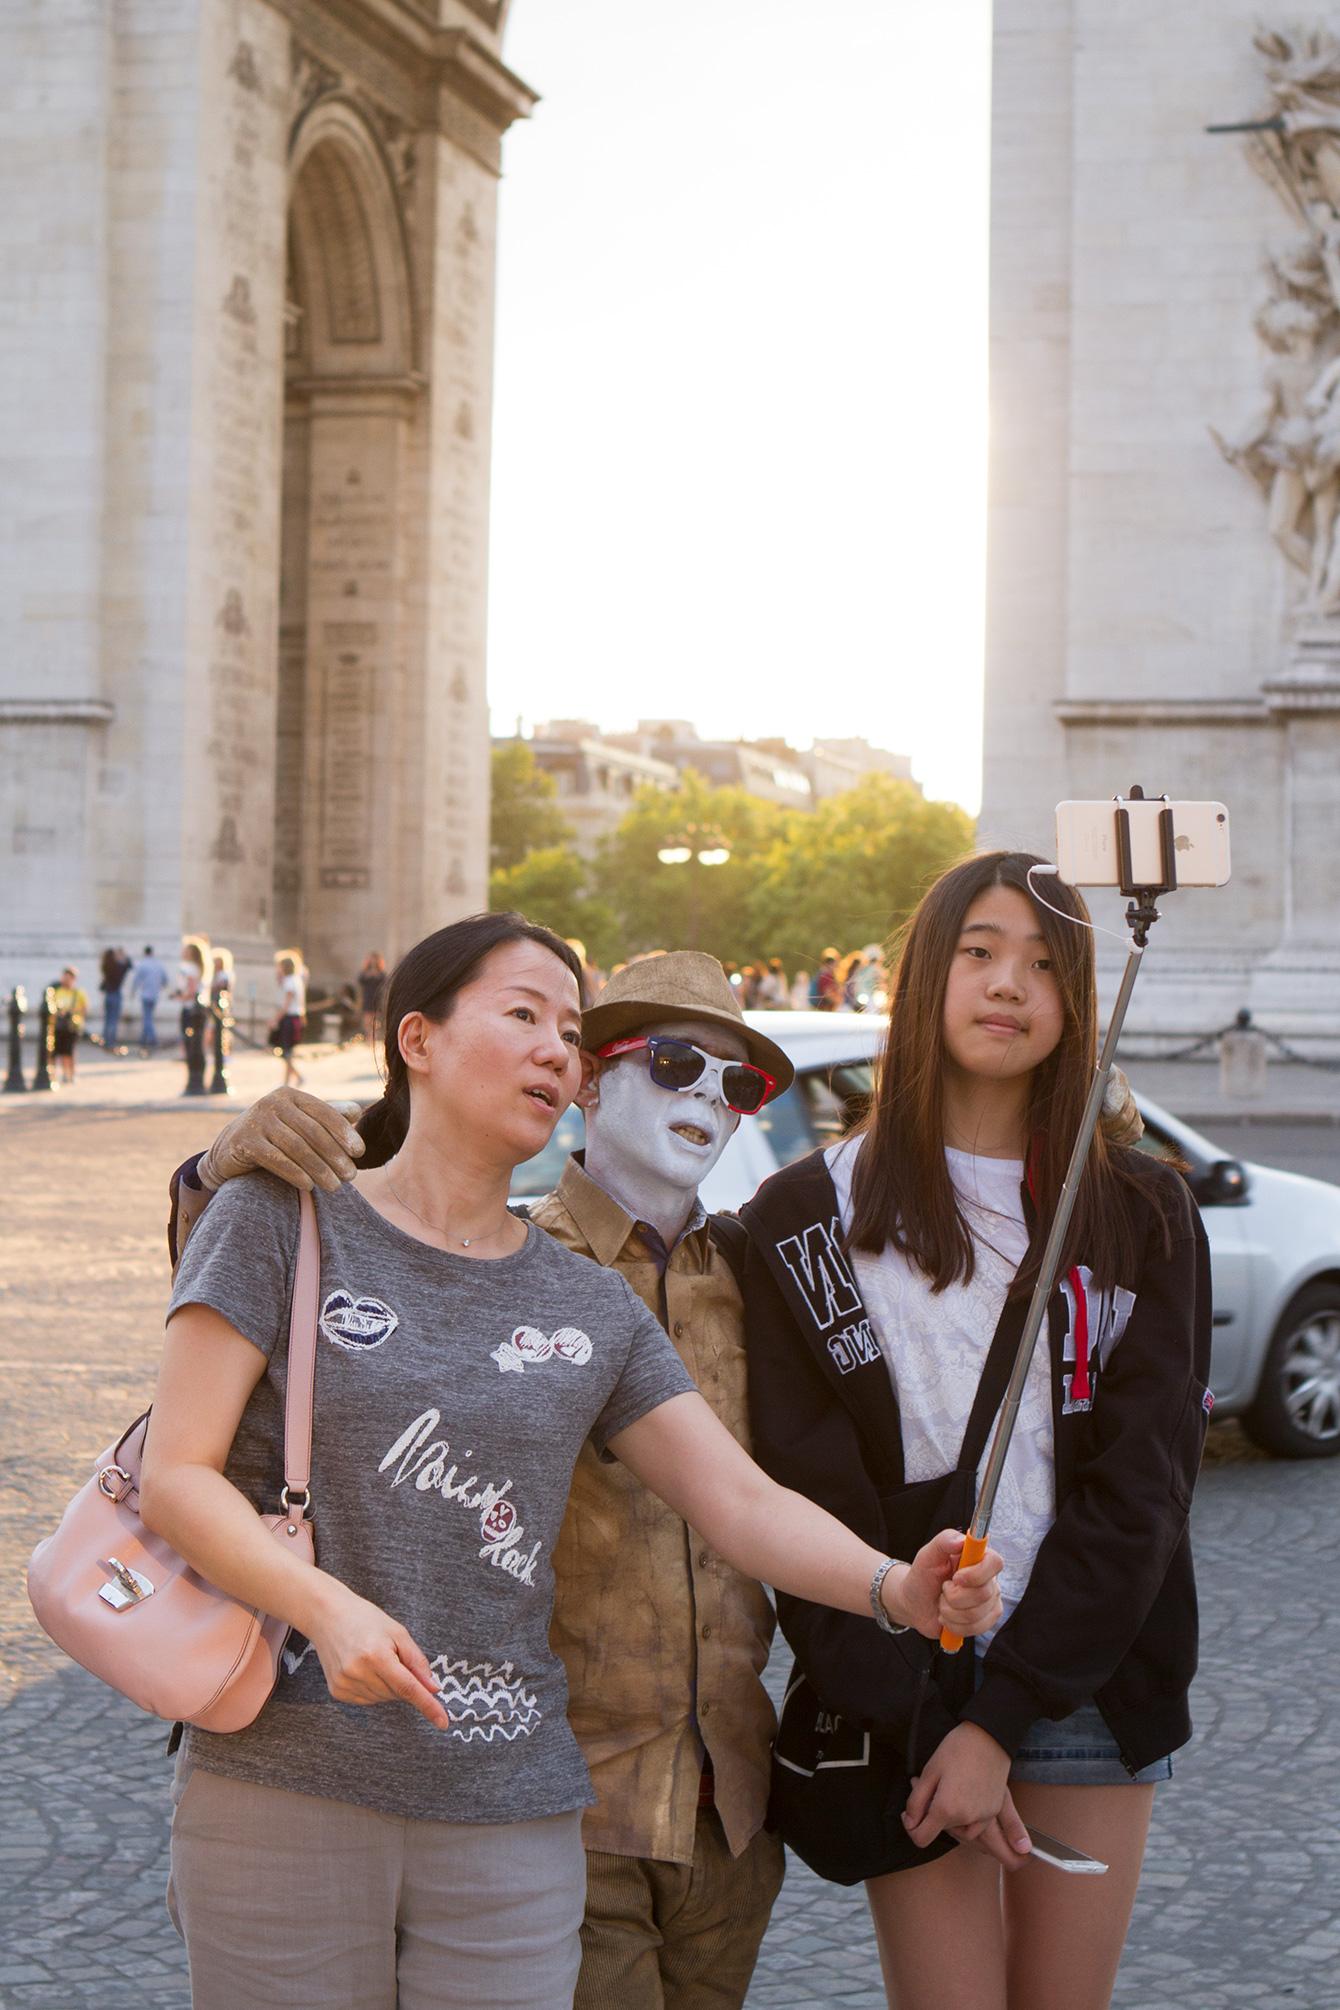 arc-de-triomphe-paris-photo